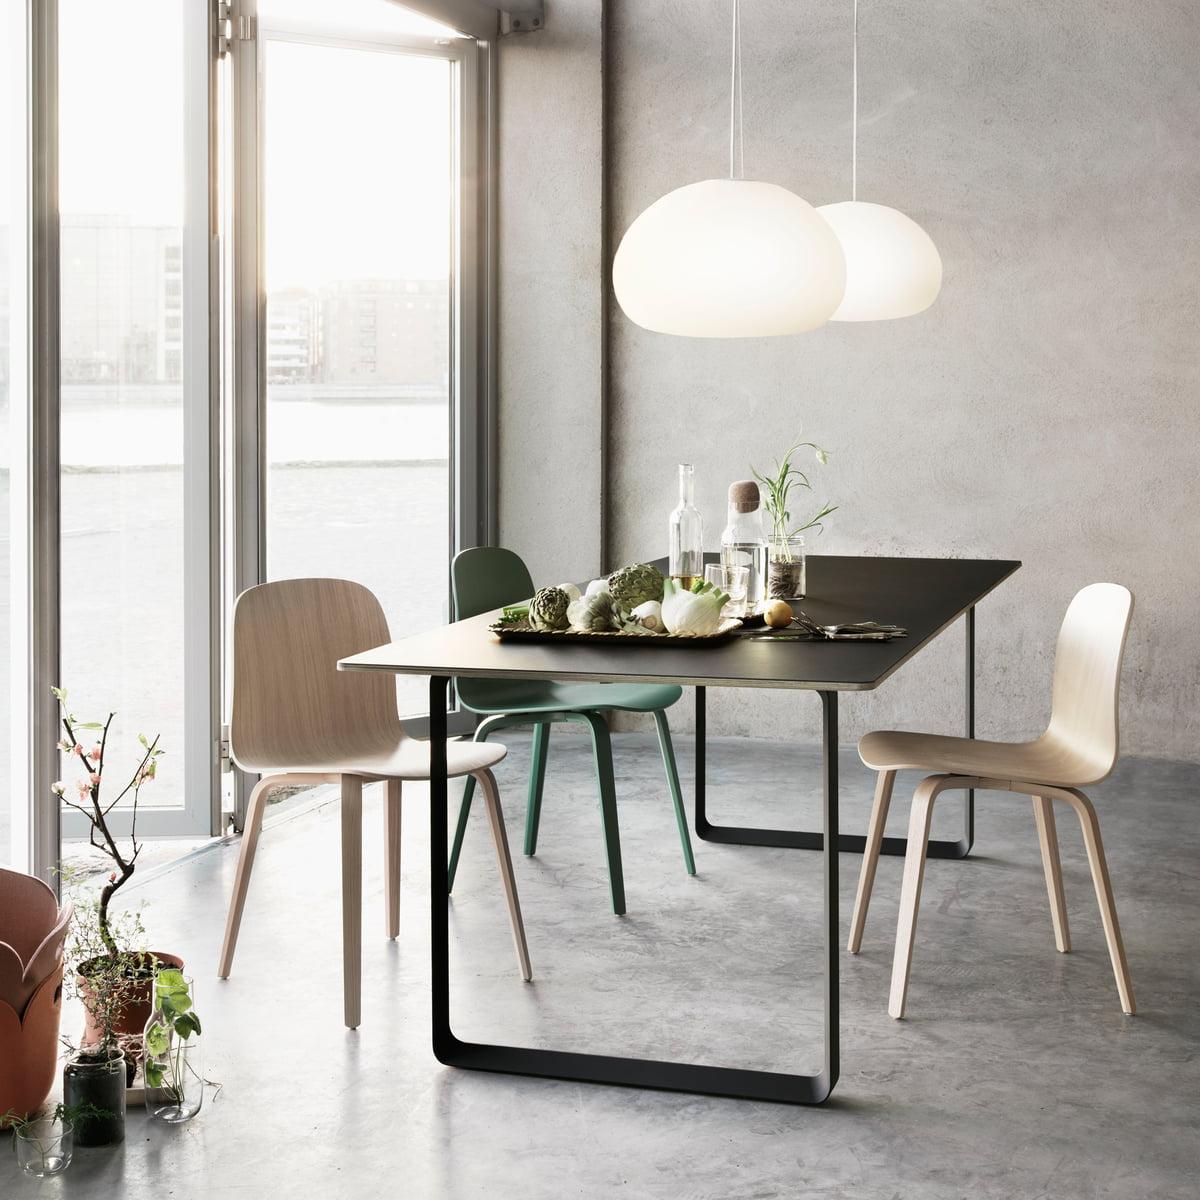 70 70 tisch von muuto. Black Bedroom Furniture Sets. Home Design Ideas